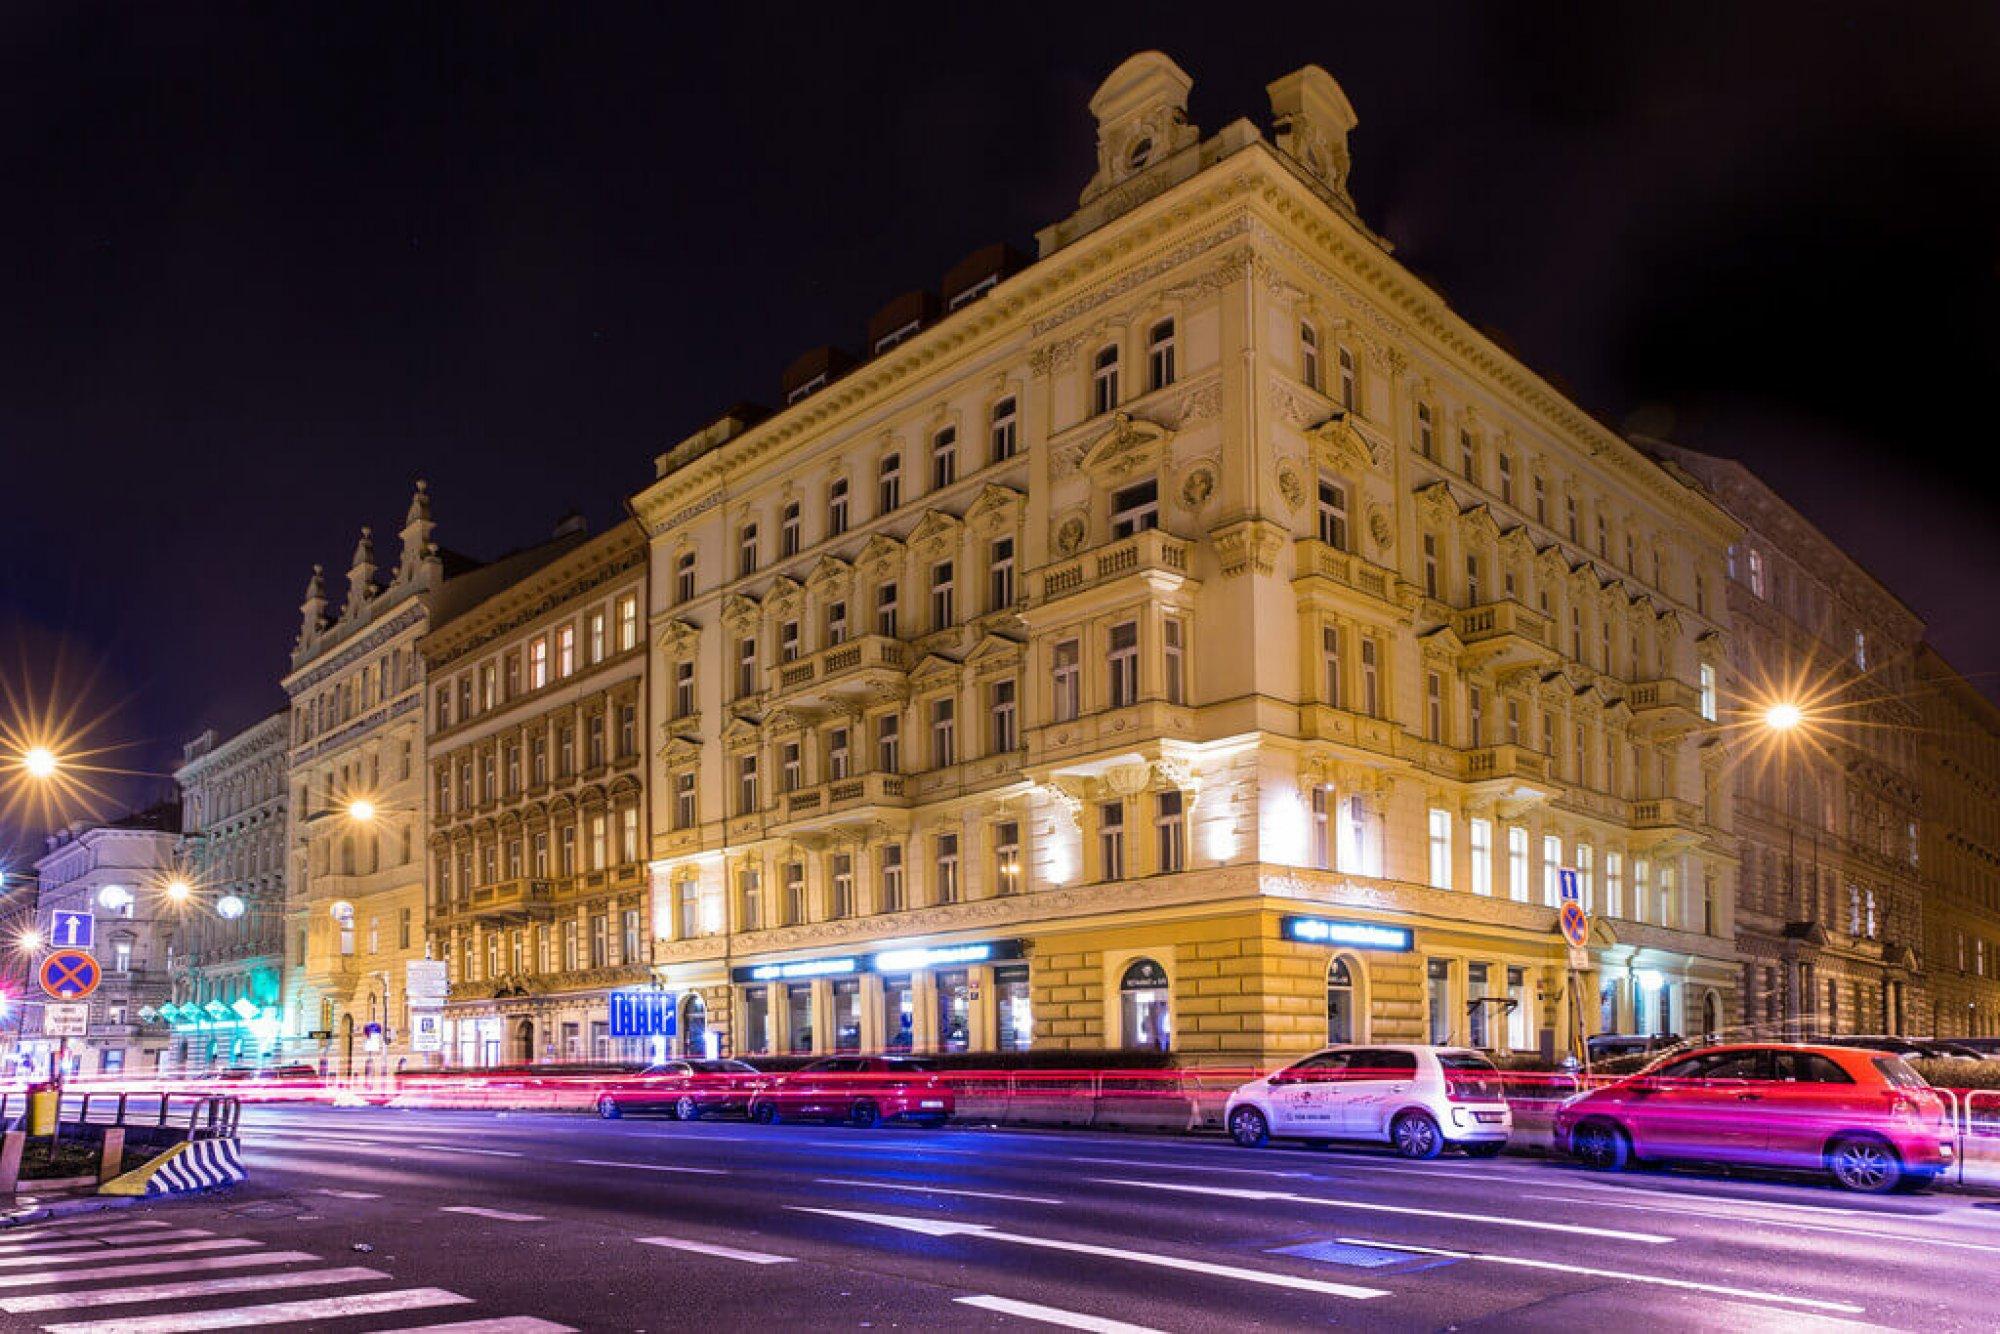 Noční pohled - Půdní byt 1+kk, plocha 23 m², ulice Tyršova, Praha 2 - Nové Město | 3